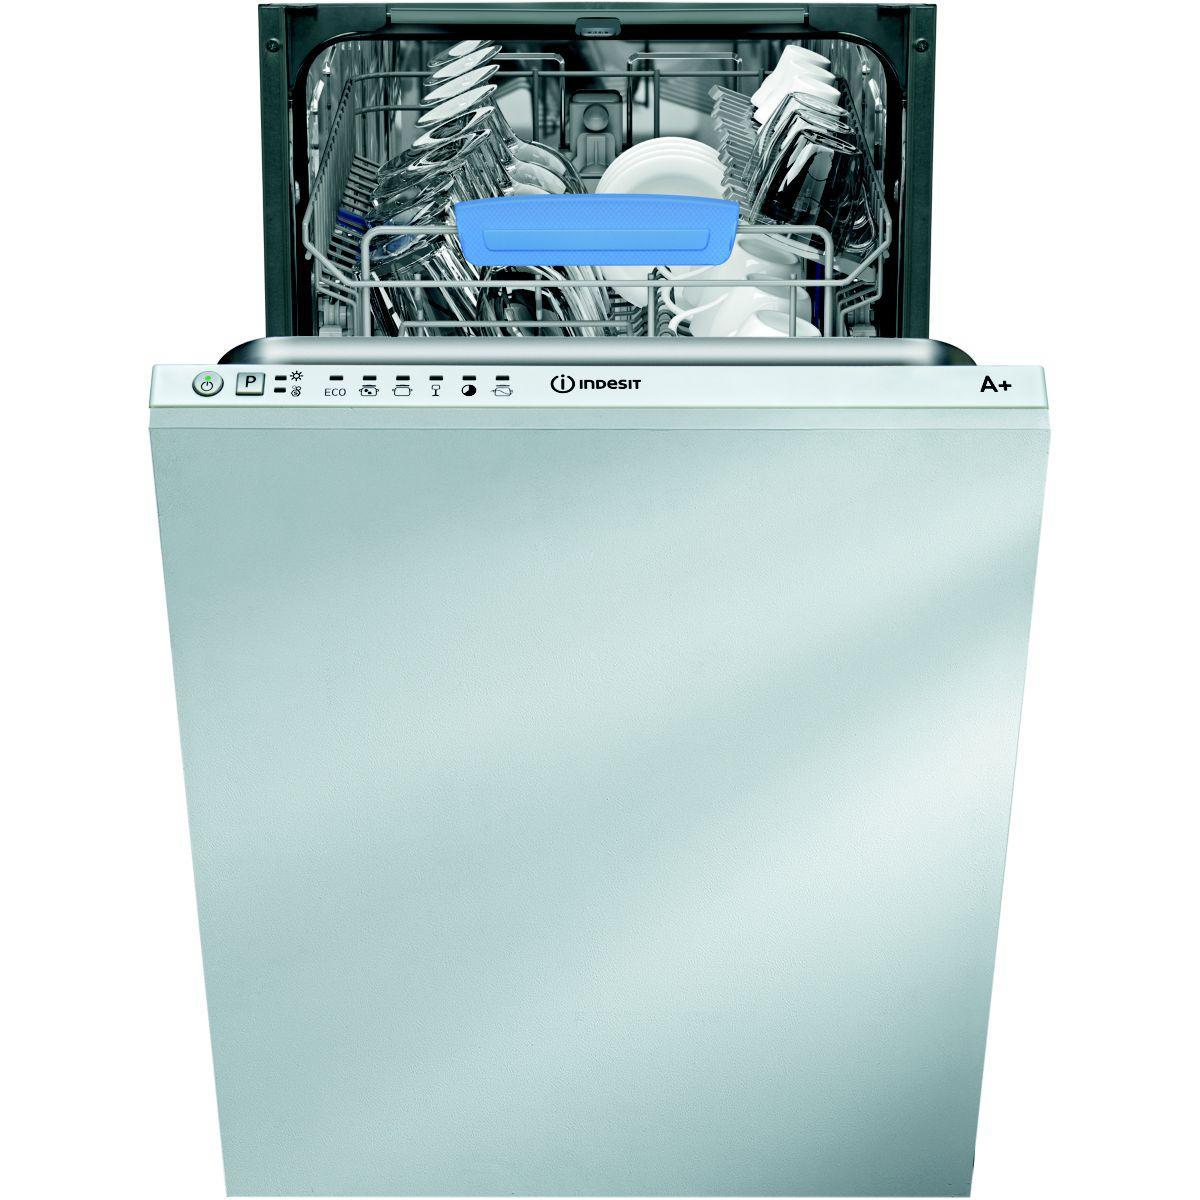 Lave-vaisselle full intégrable indesit disr16m19aeu - 2% de remise : code gam2